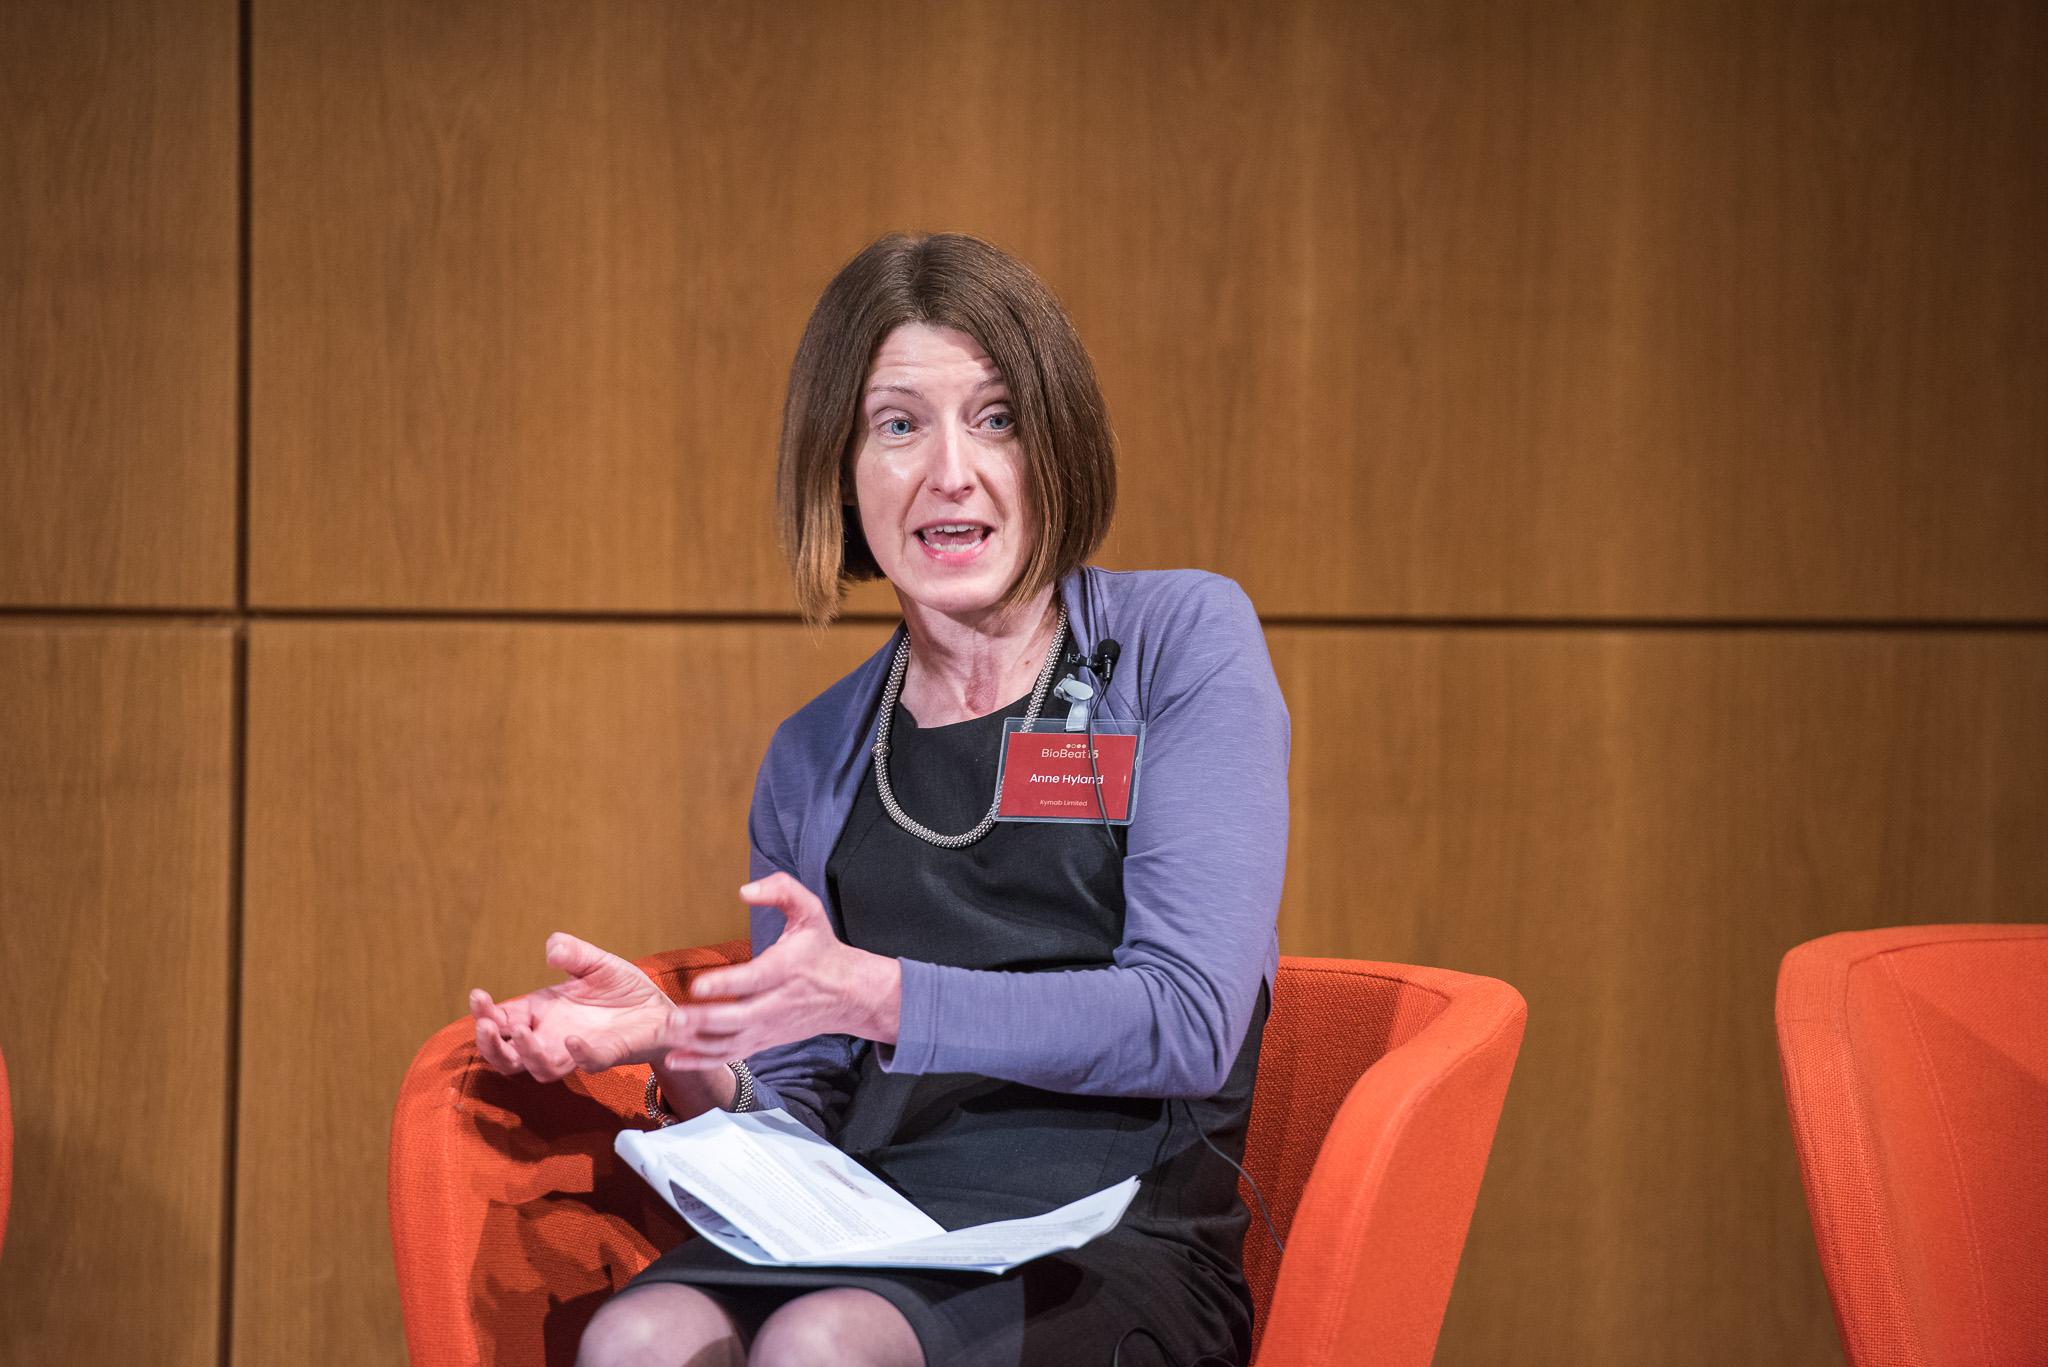 BioBeat15: Anne Hyland